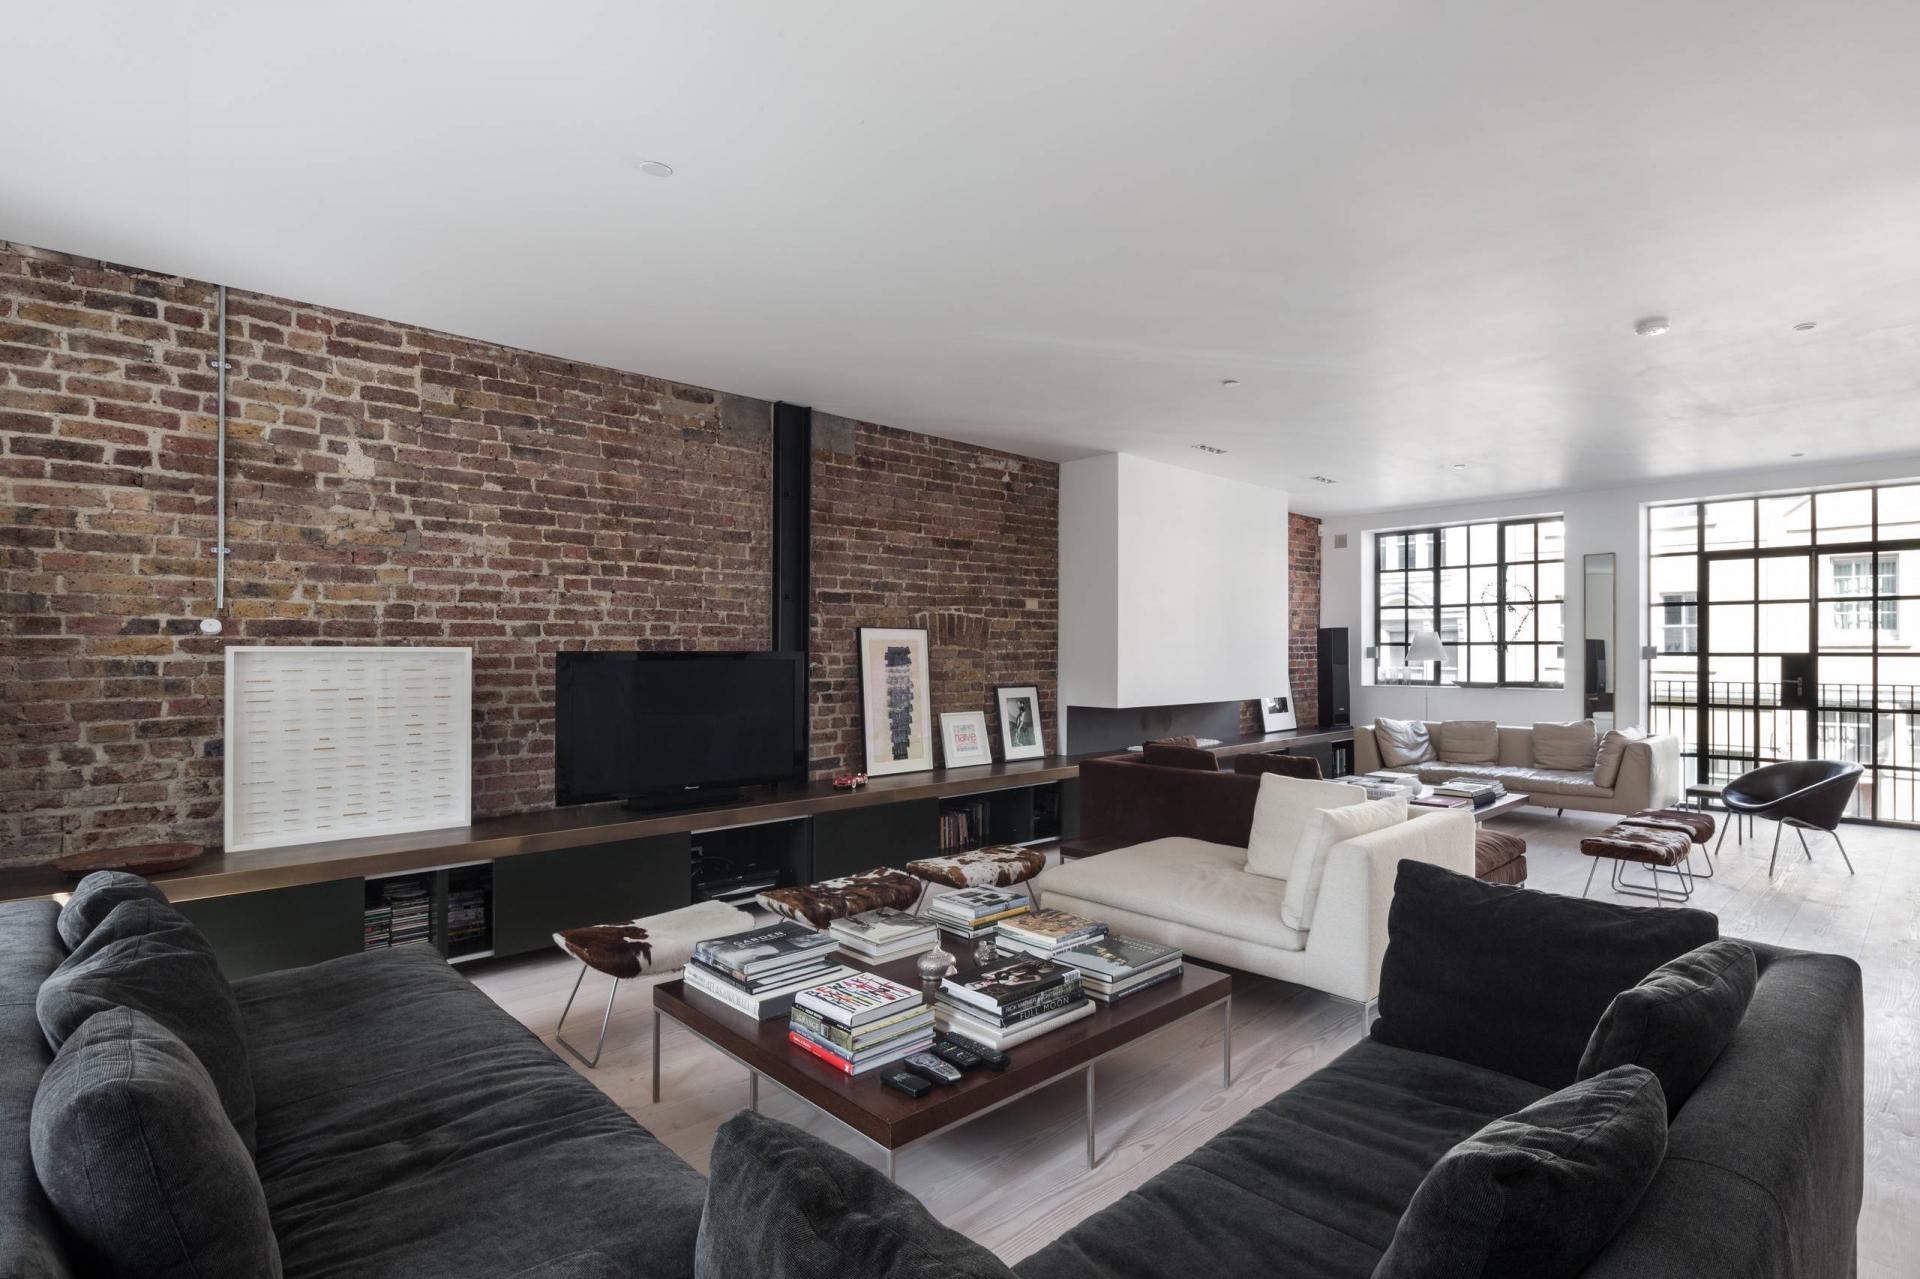 Смотреть Все грани роскошного отдыха: обзор моделей углового дивана Чикаго видео